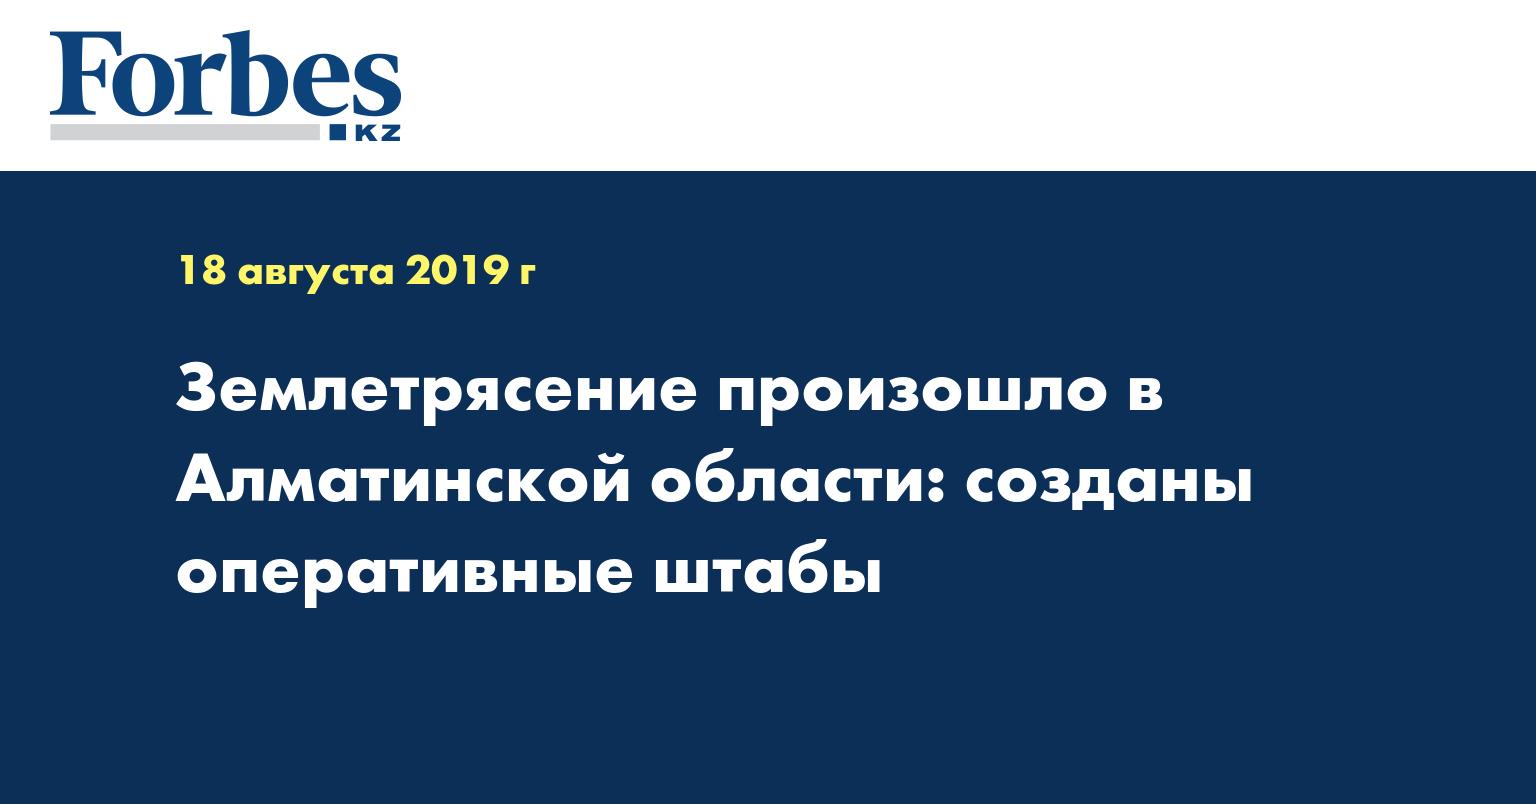 Землетрясение произошло в Алматинской области: созданы оперативные штабы